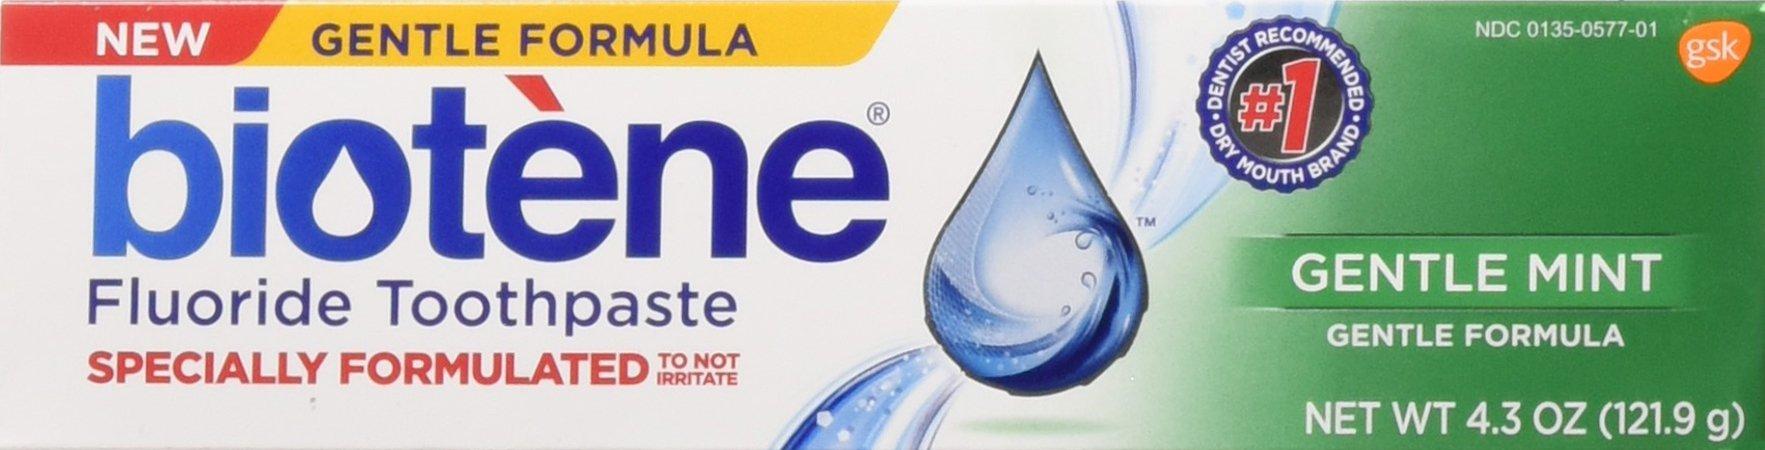 Biotene Toothpaste Gentle Mint Fluoride 4.3 Oz, 2 pack